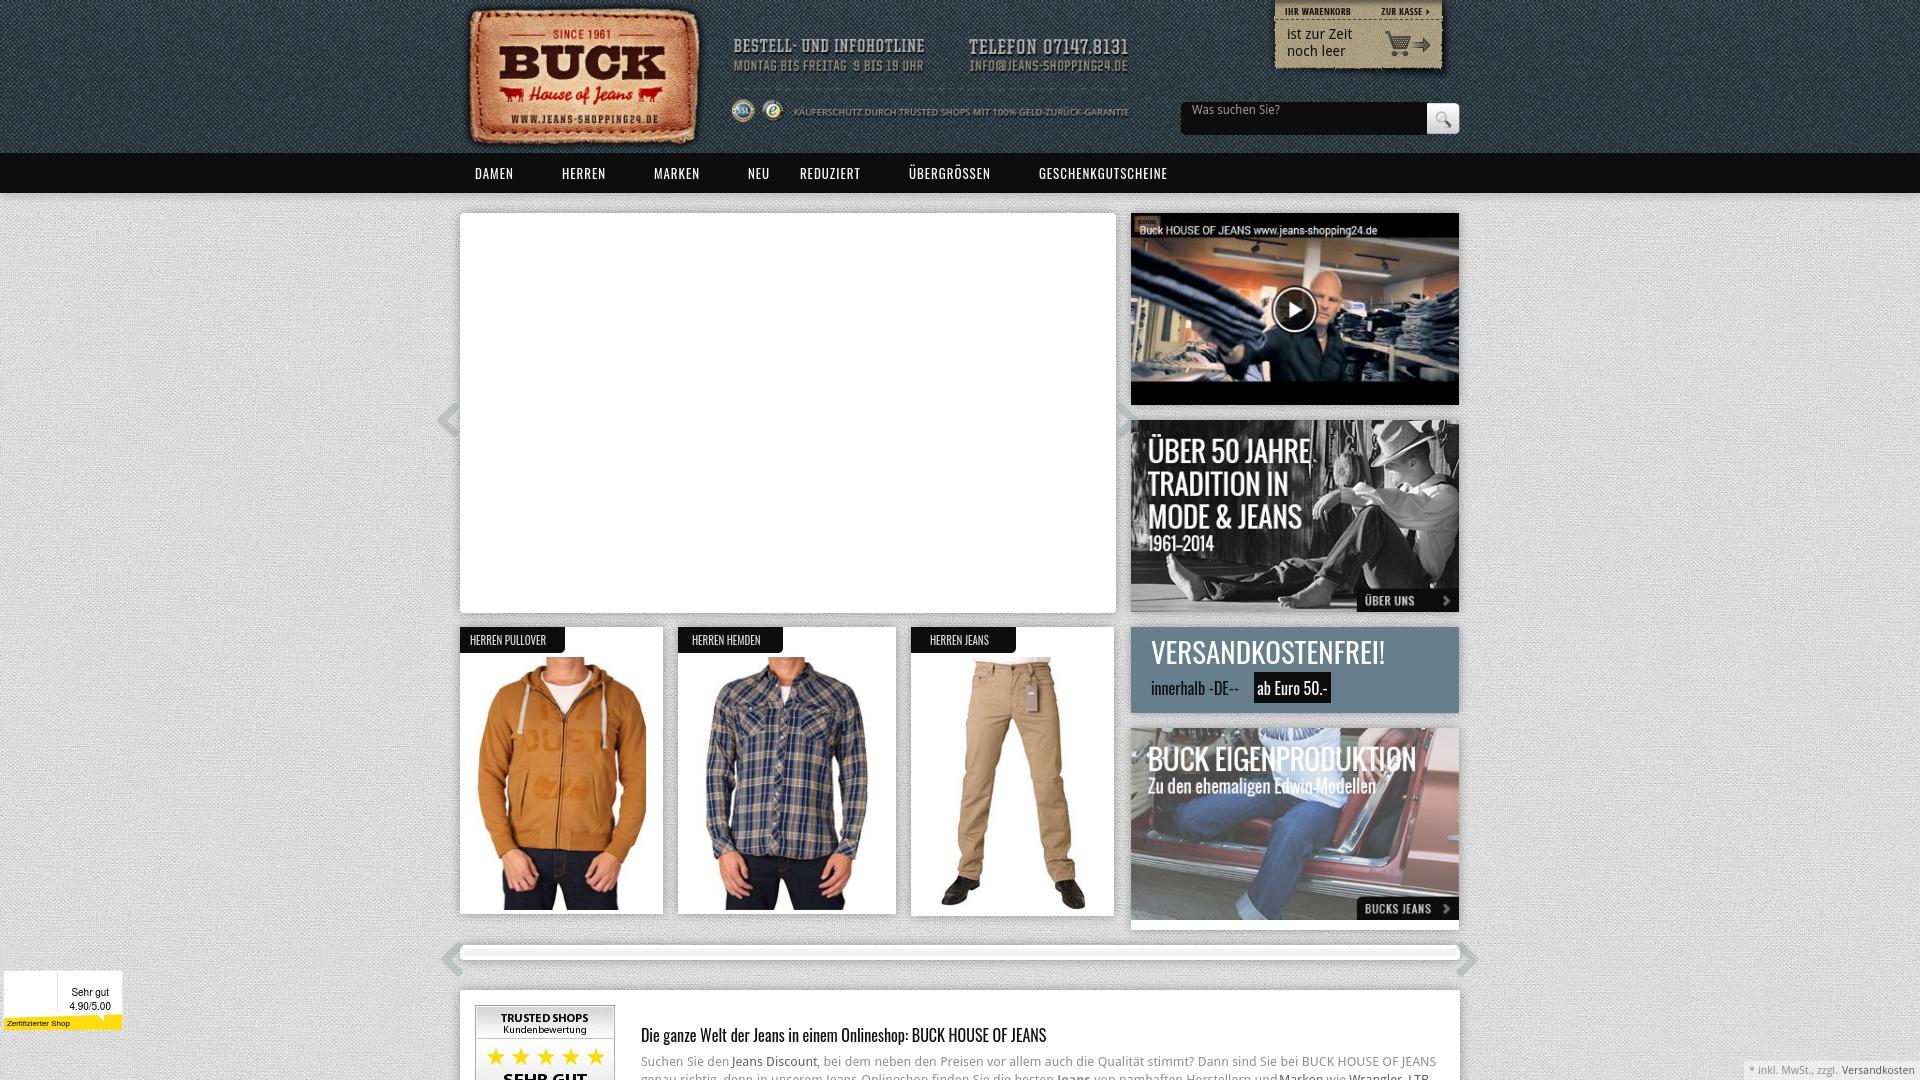 Geld zurück bei Jeans-shopping24: Jetzt im Juli 2021 Cashback für Jeans-shopping24 sichern